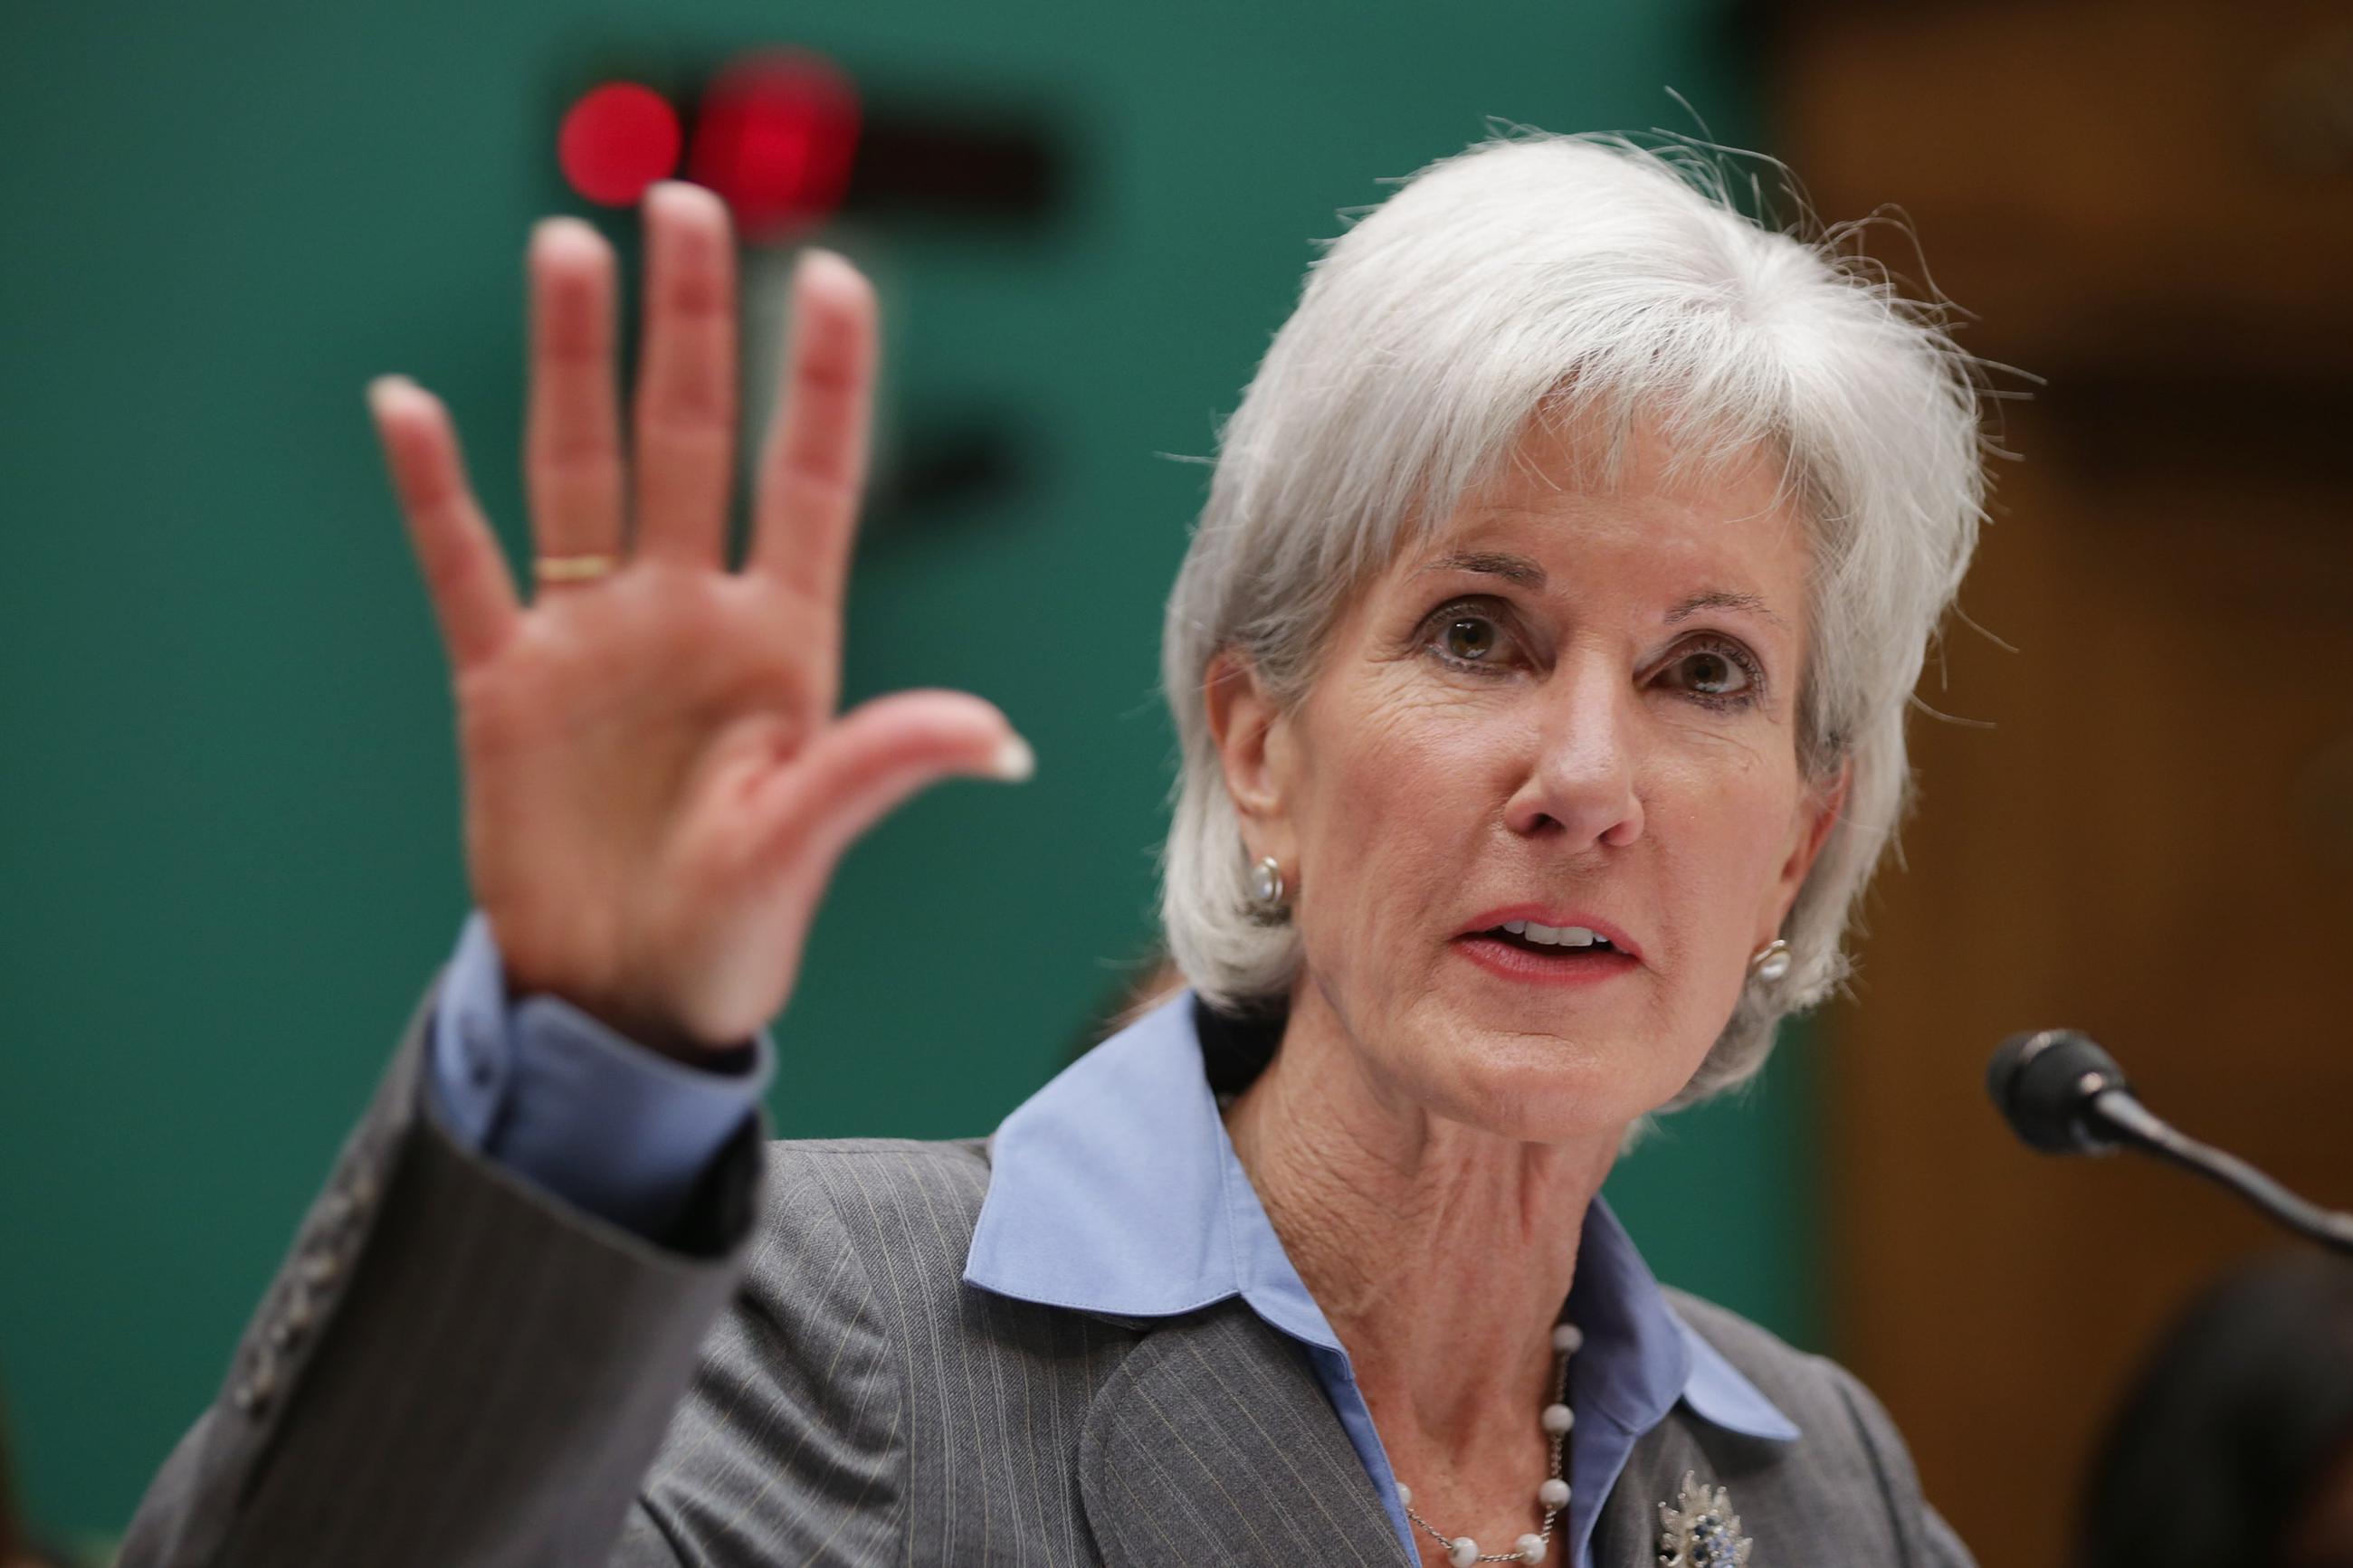 Obamacare Enrollment Target Drops to 6 Million